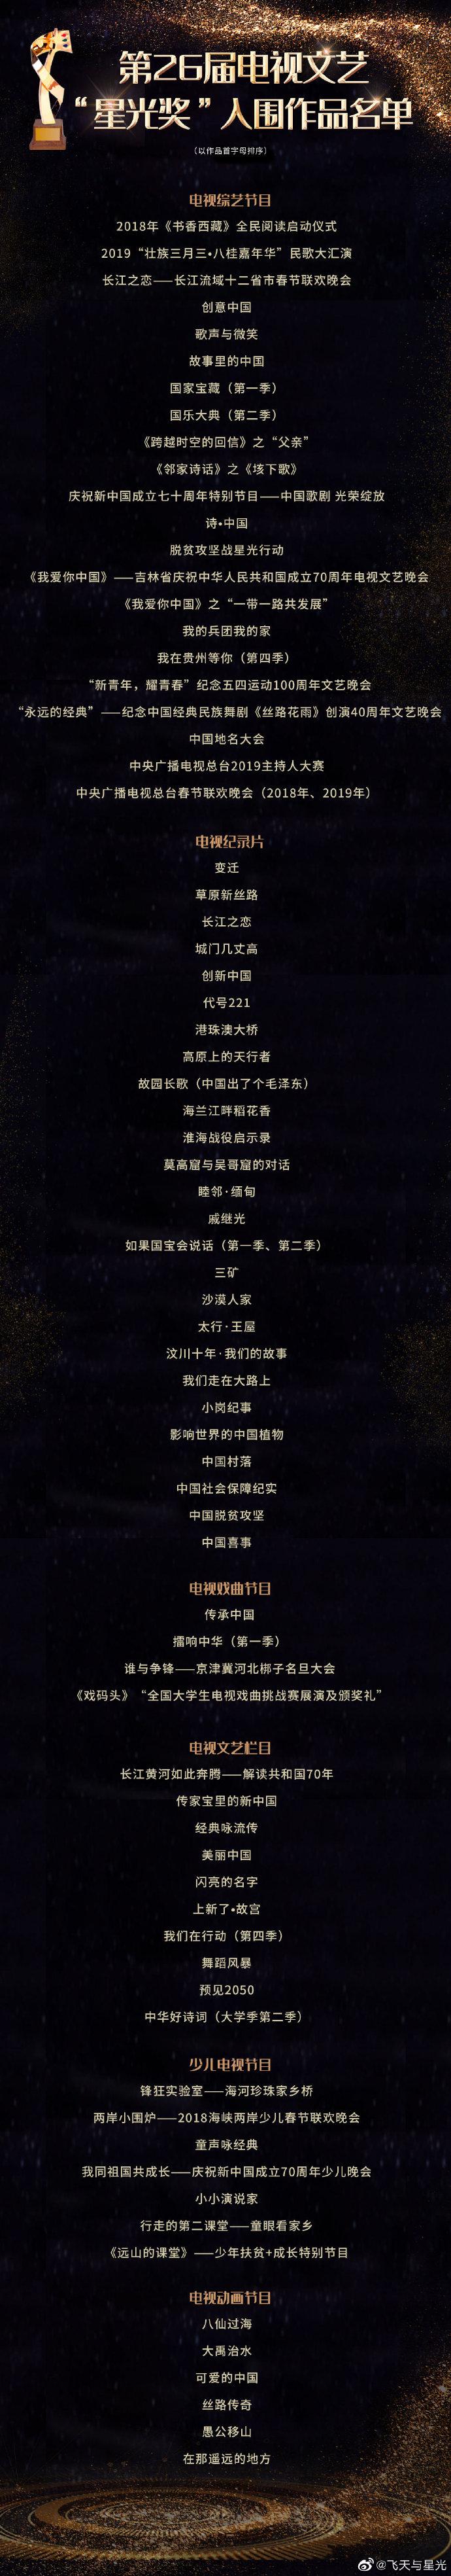 """""""飞天奖""""和""""星光奖""""颁奖典礼28日将在河北衡水举行"""